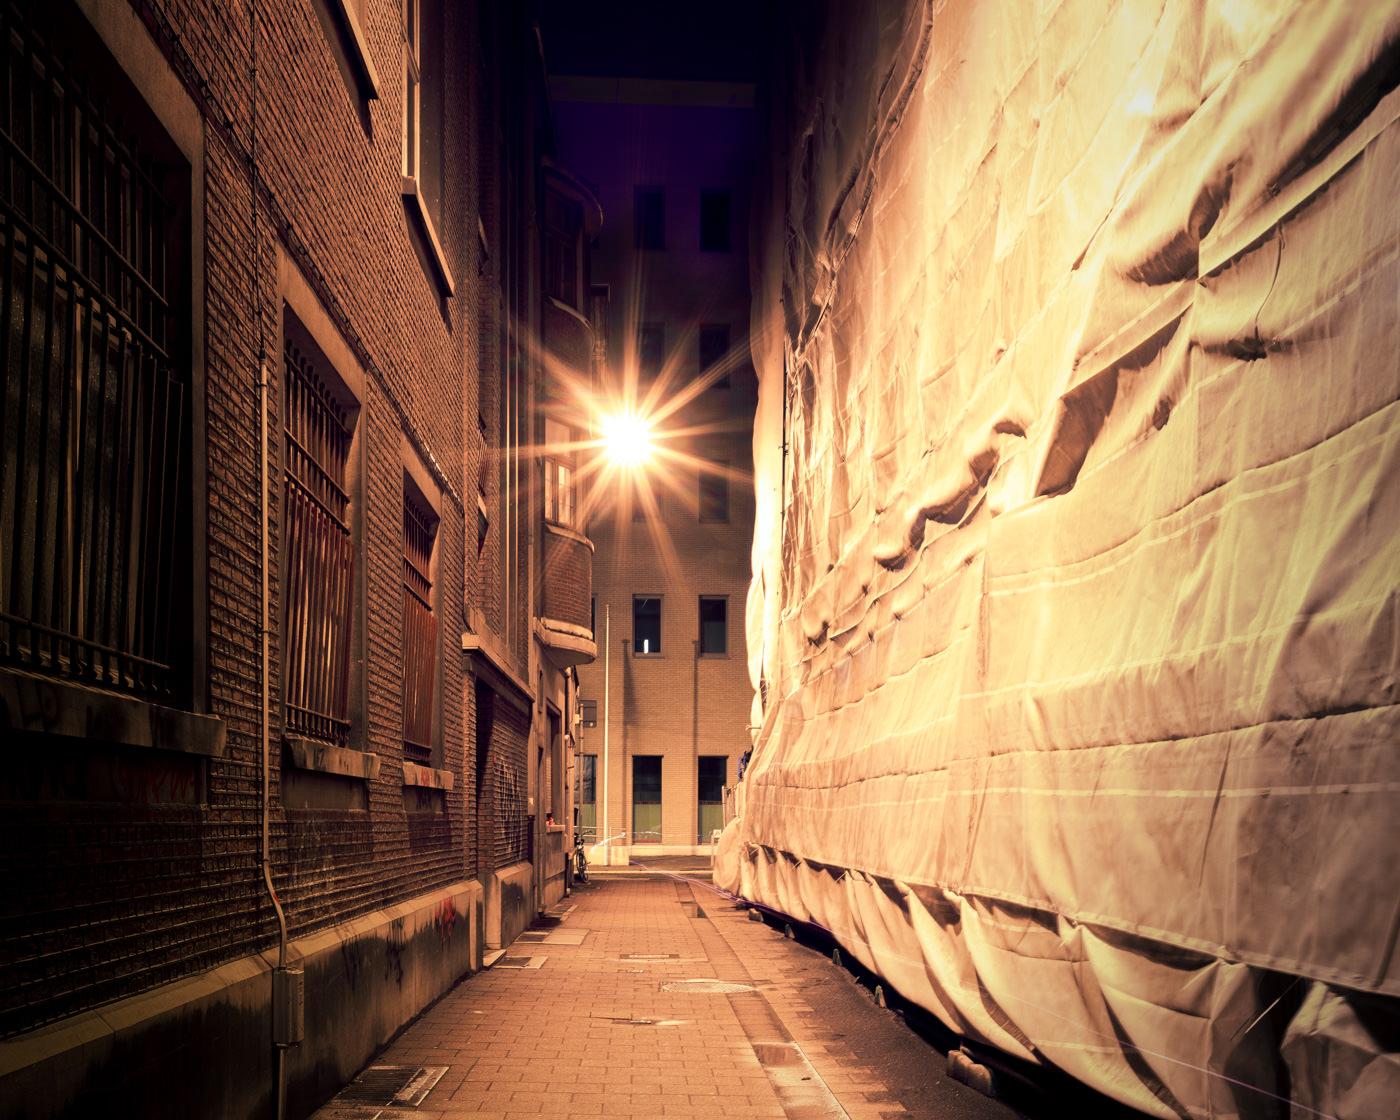 """""""Cellebroedersstraat, Antwerp"""" from the series Nylon Chrysalis, by William Mokrynski"""